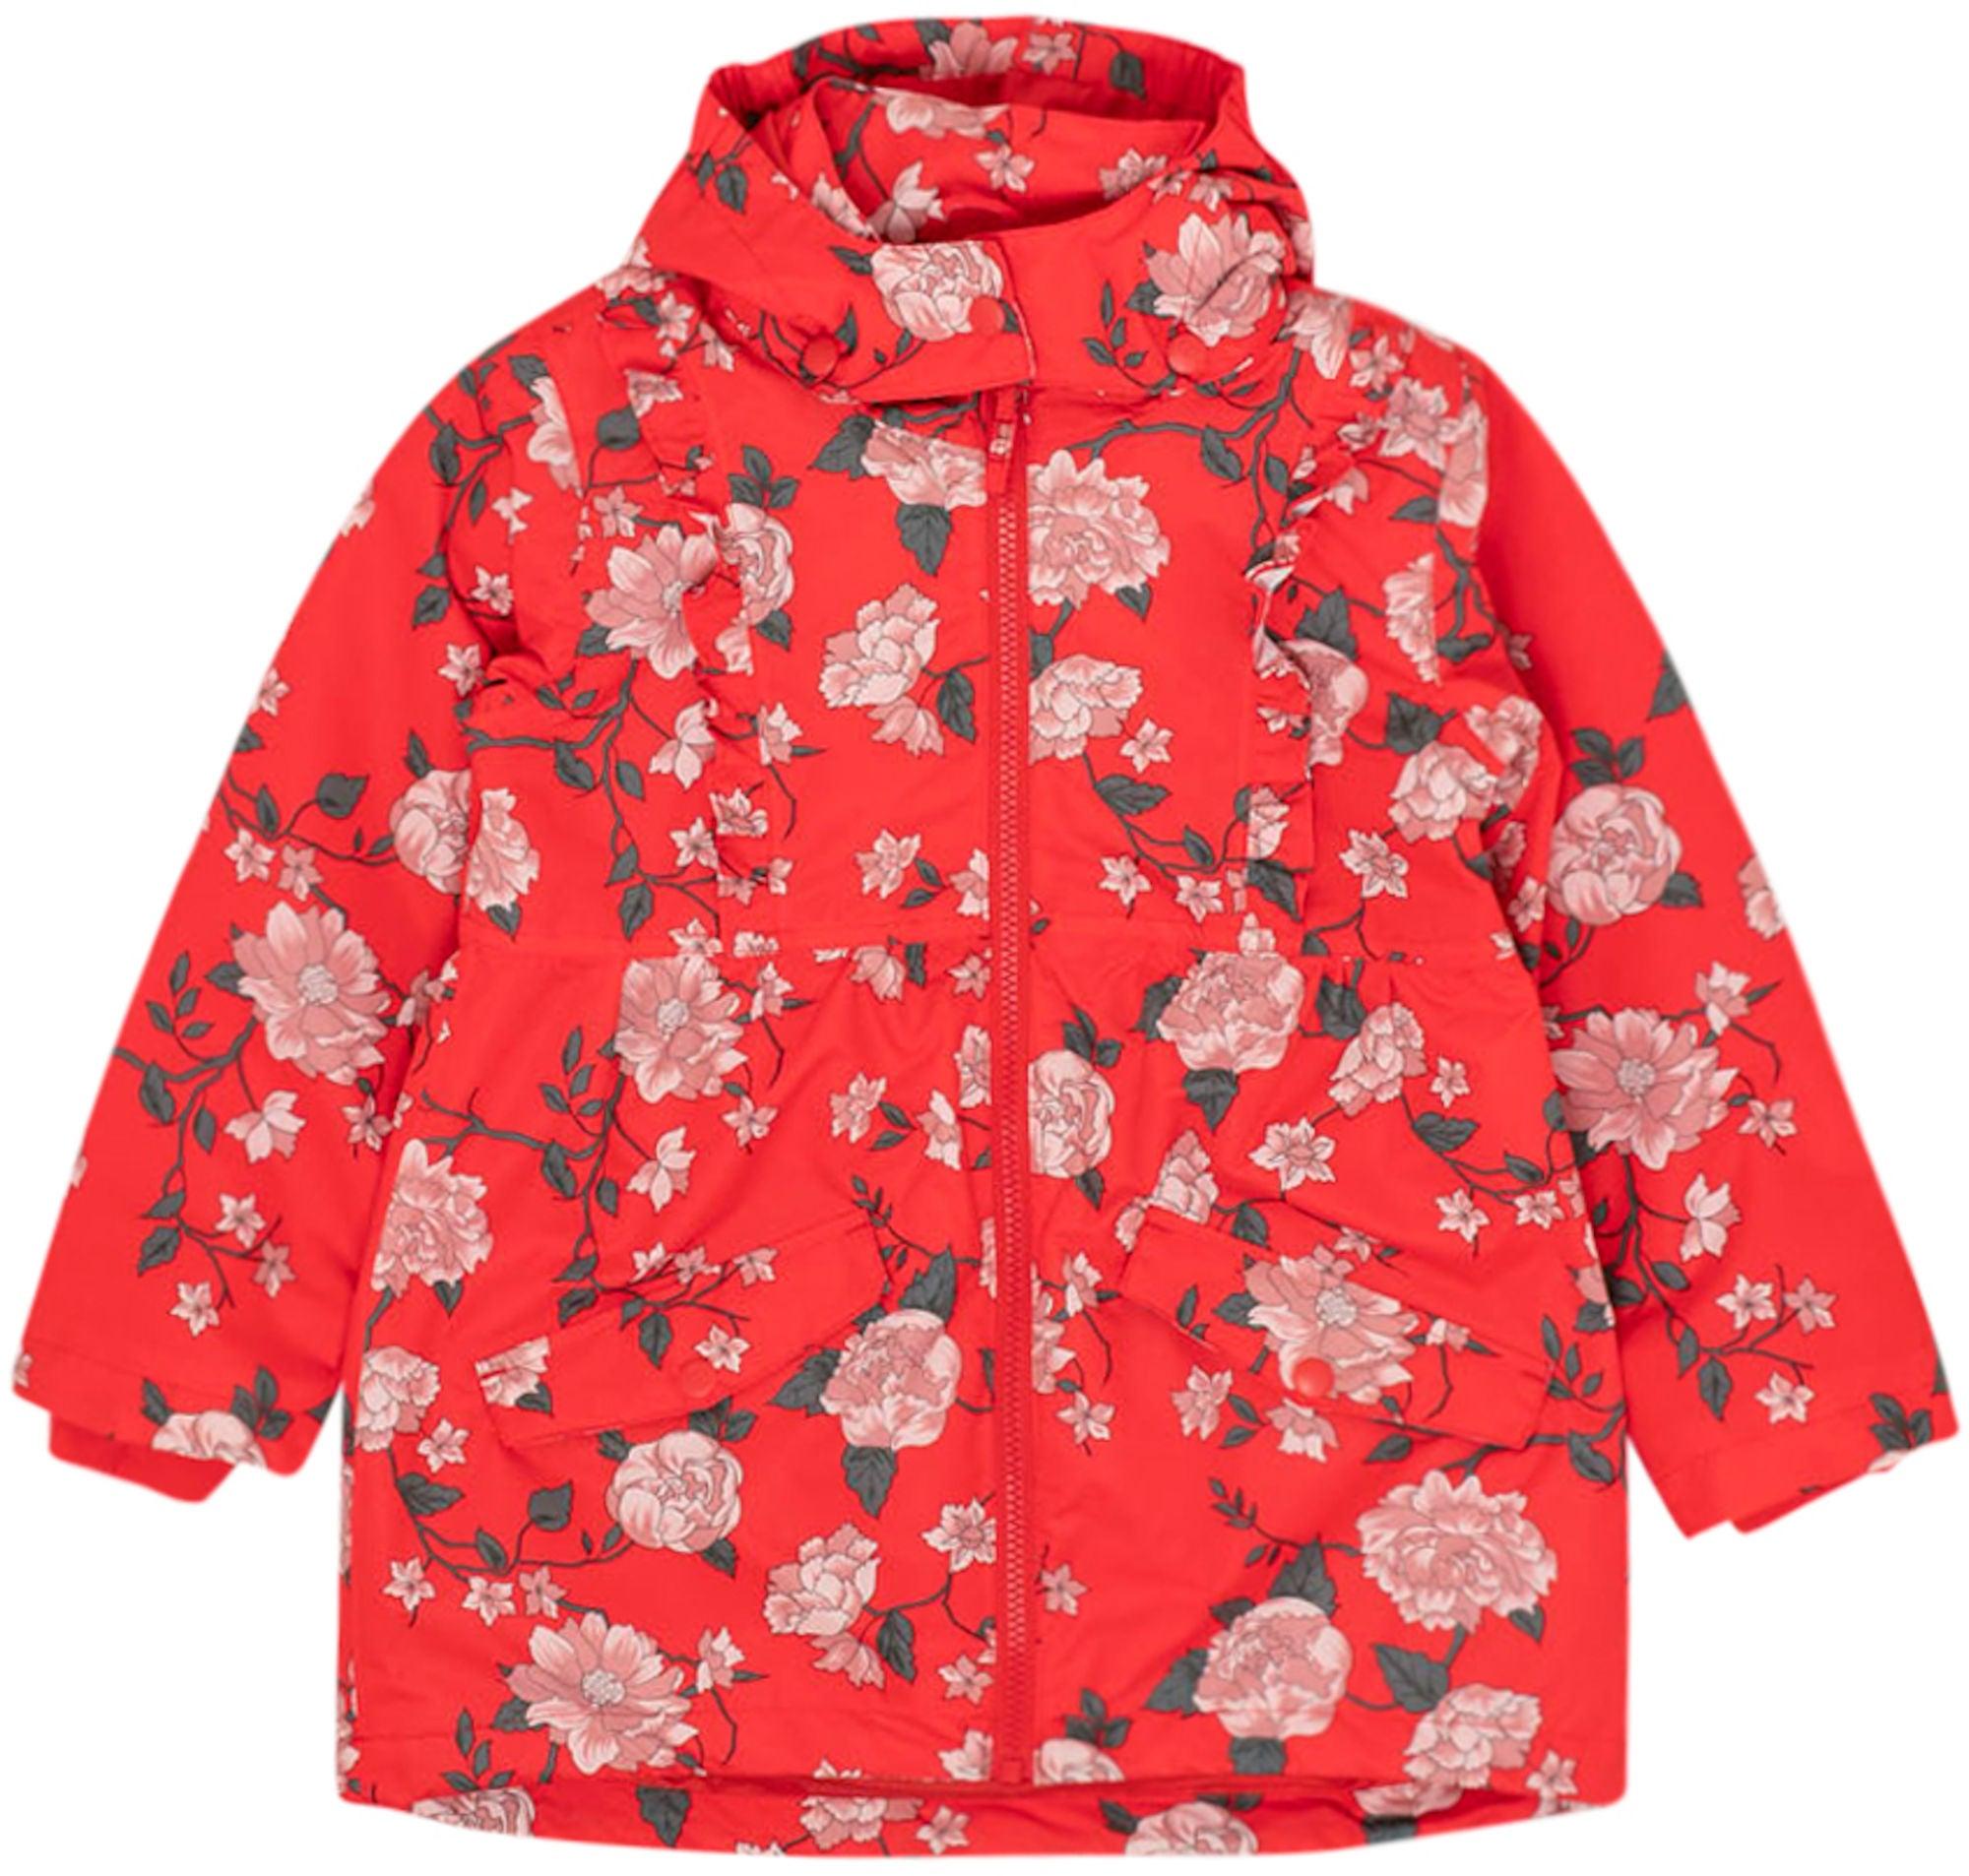 Köp Hust & Claire Ona Jacka, Poppy Red | Jollyroom